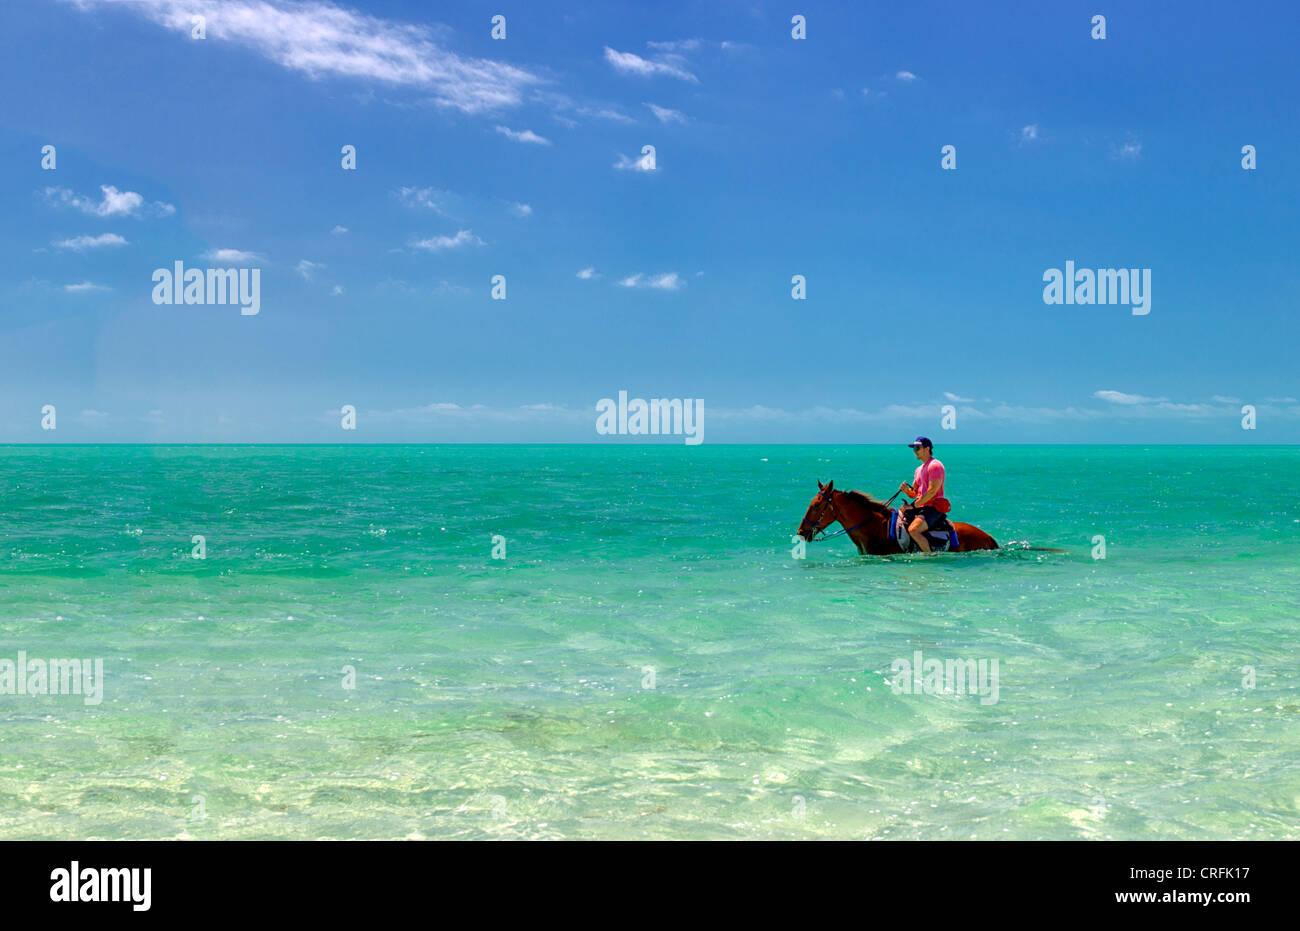 Montando a caballo en el agua. Providenciales. Las Islas Turcas y Caicos. Imagen De Stock